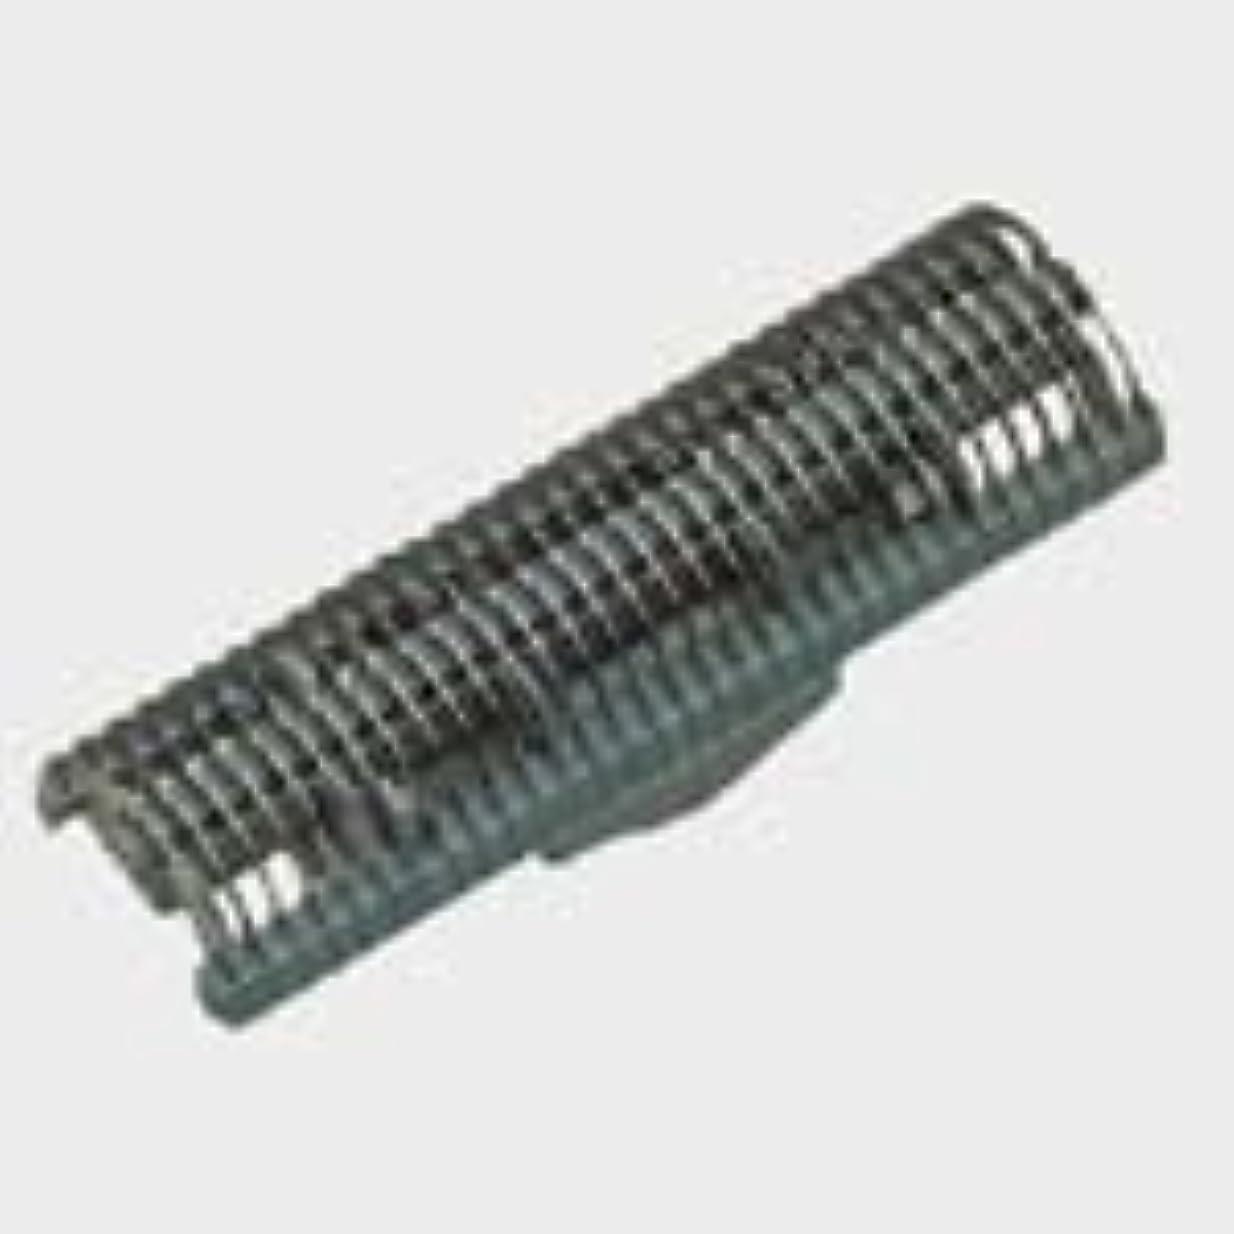 否定する軌道不測の事態パナソニック 替刃 メンズシェーバー用 内刃 ES9972